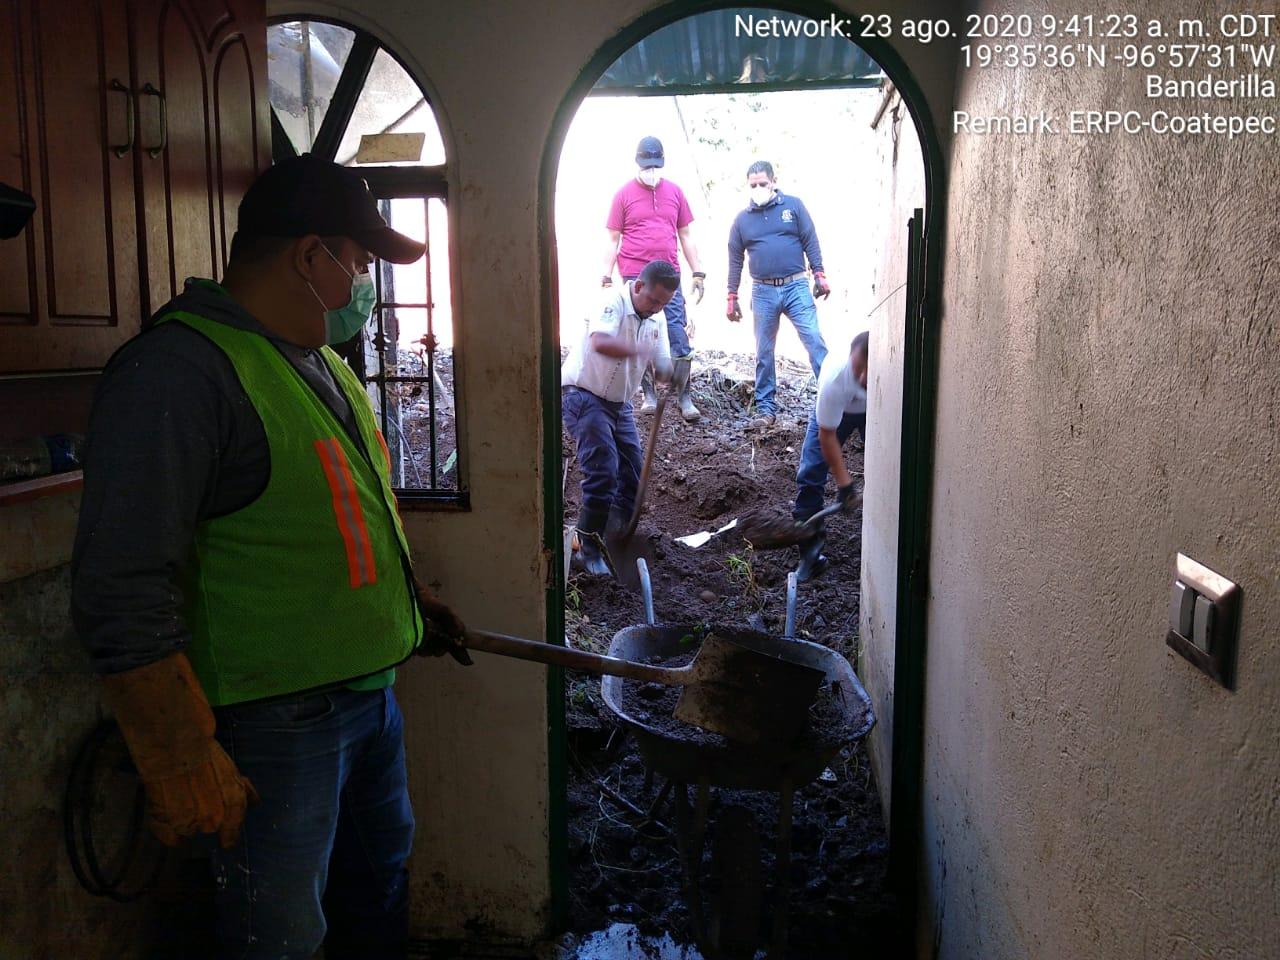 En Banderilla,vecinos preparan demanda contra empresa ferroviaria por provocar inundación